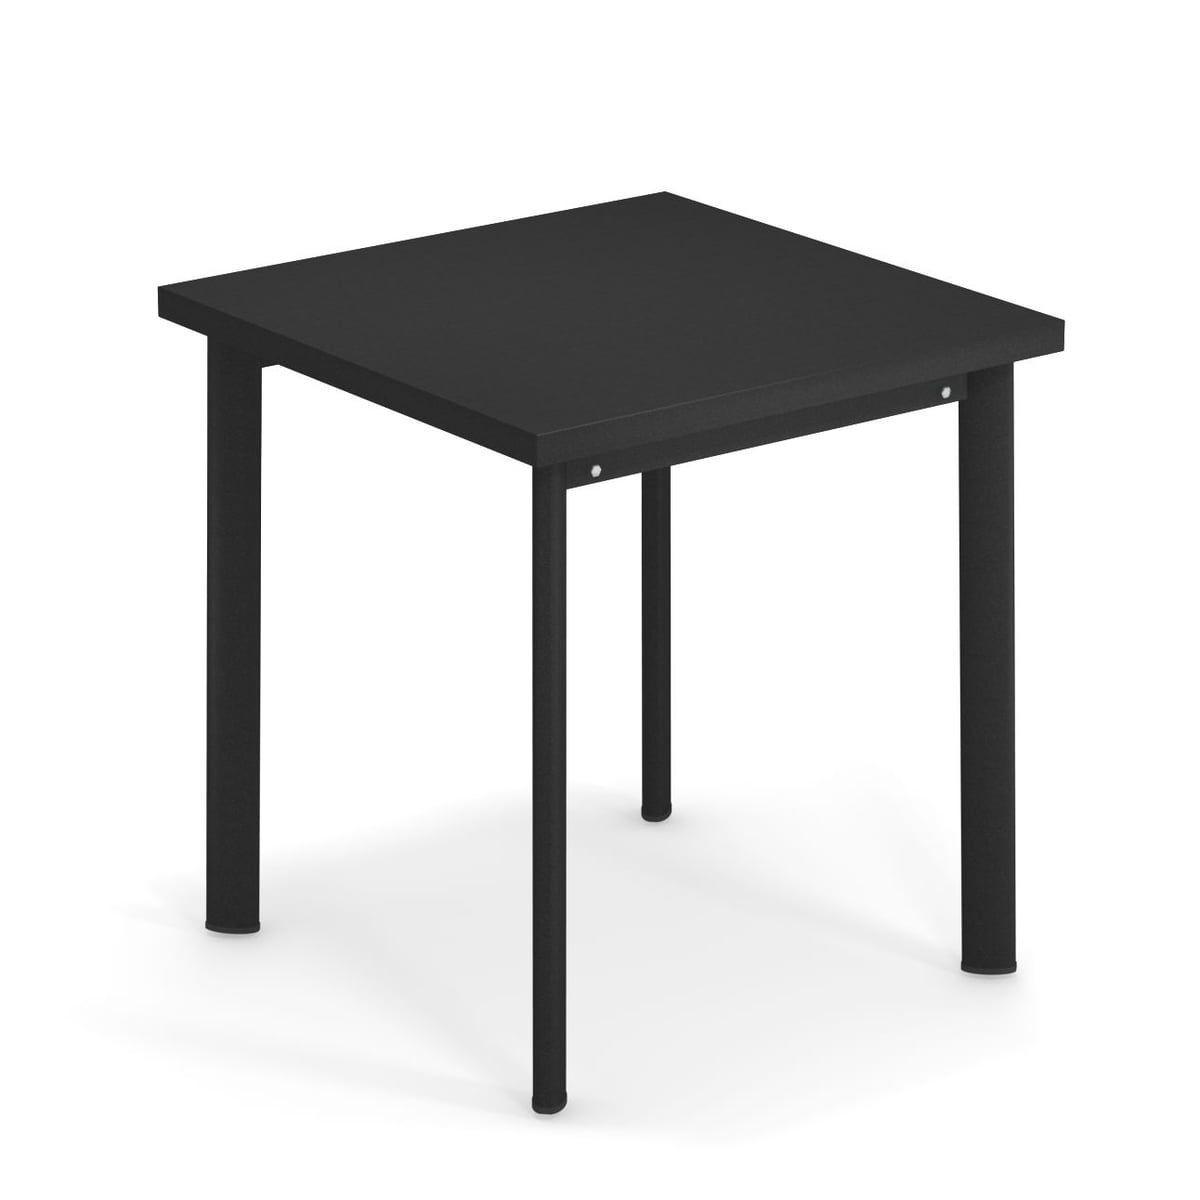 Emu Star Tisch H 75 Cm 70 X 70 Cm Schwarz In 2020 Gartentisch Emu Tisch